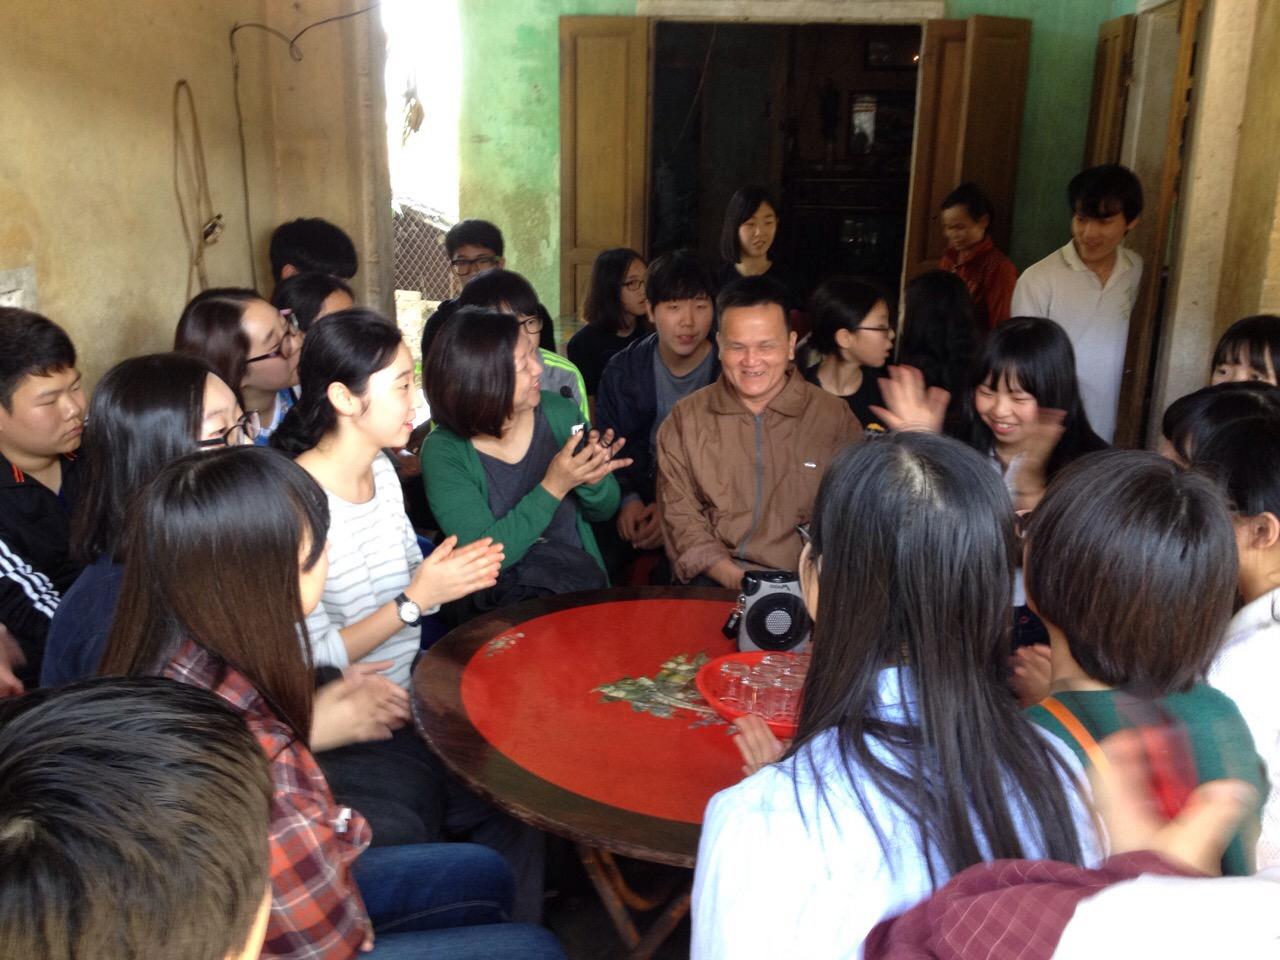 빈호아 학살의 생존자 도안응이아 아저씨댁에서 모질고 힘겨웠던 지난 이야기를 들었다.